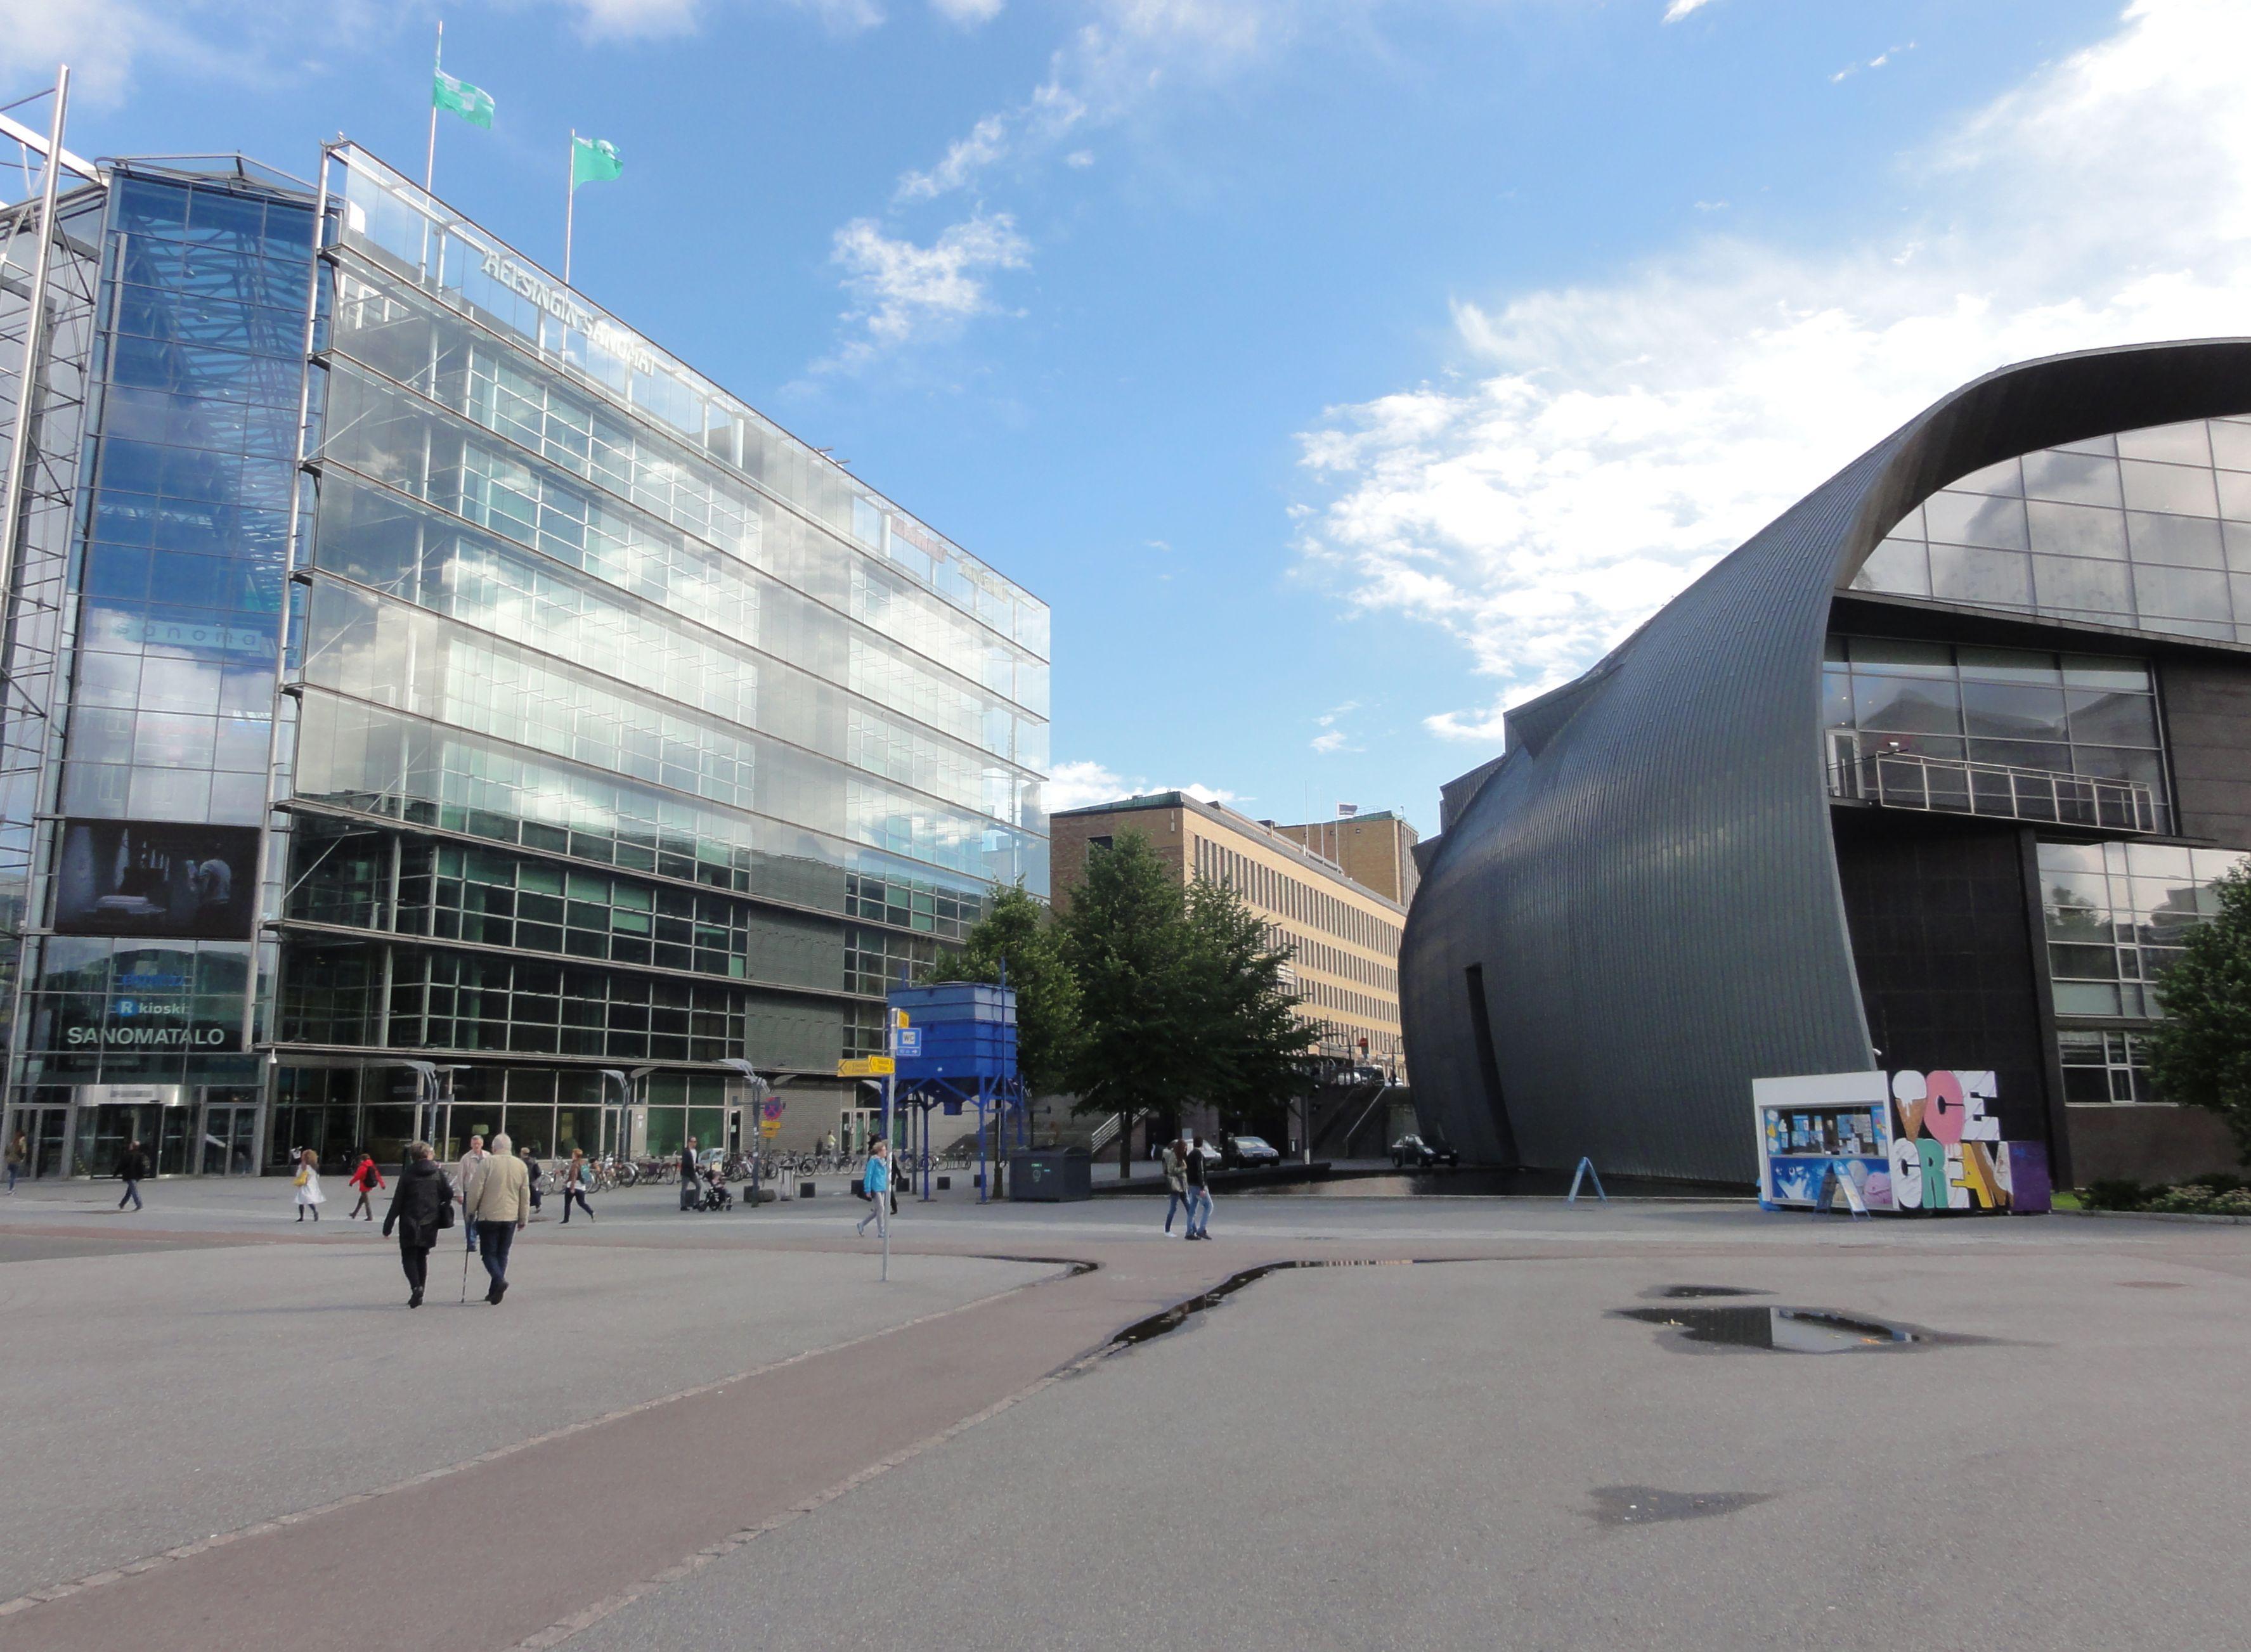 20160817 Helsinki 06